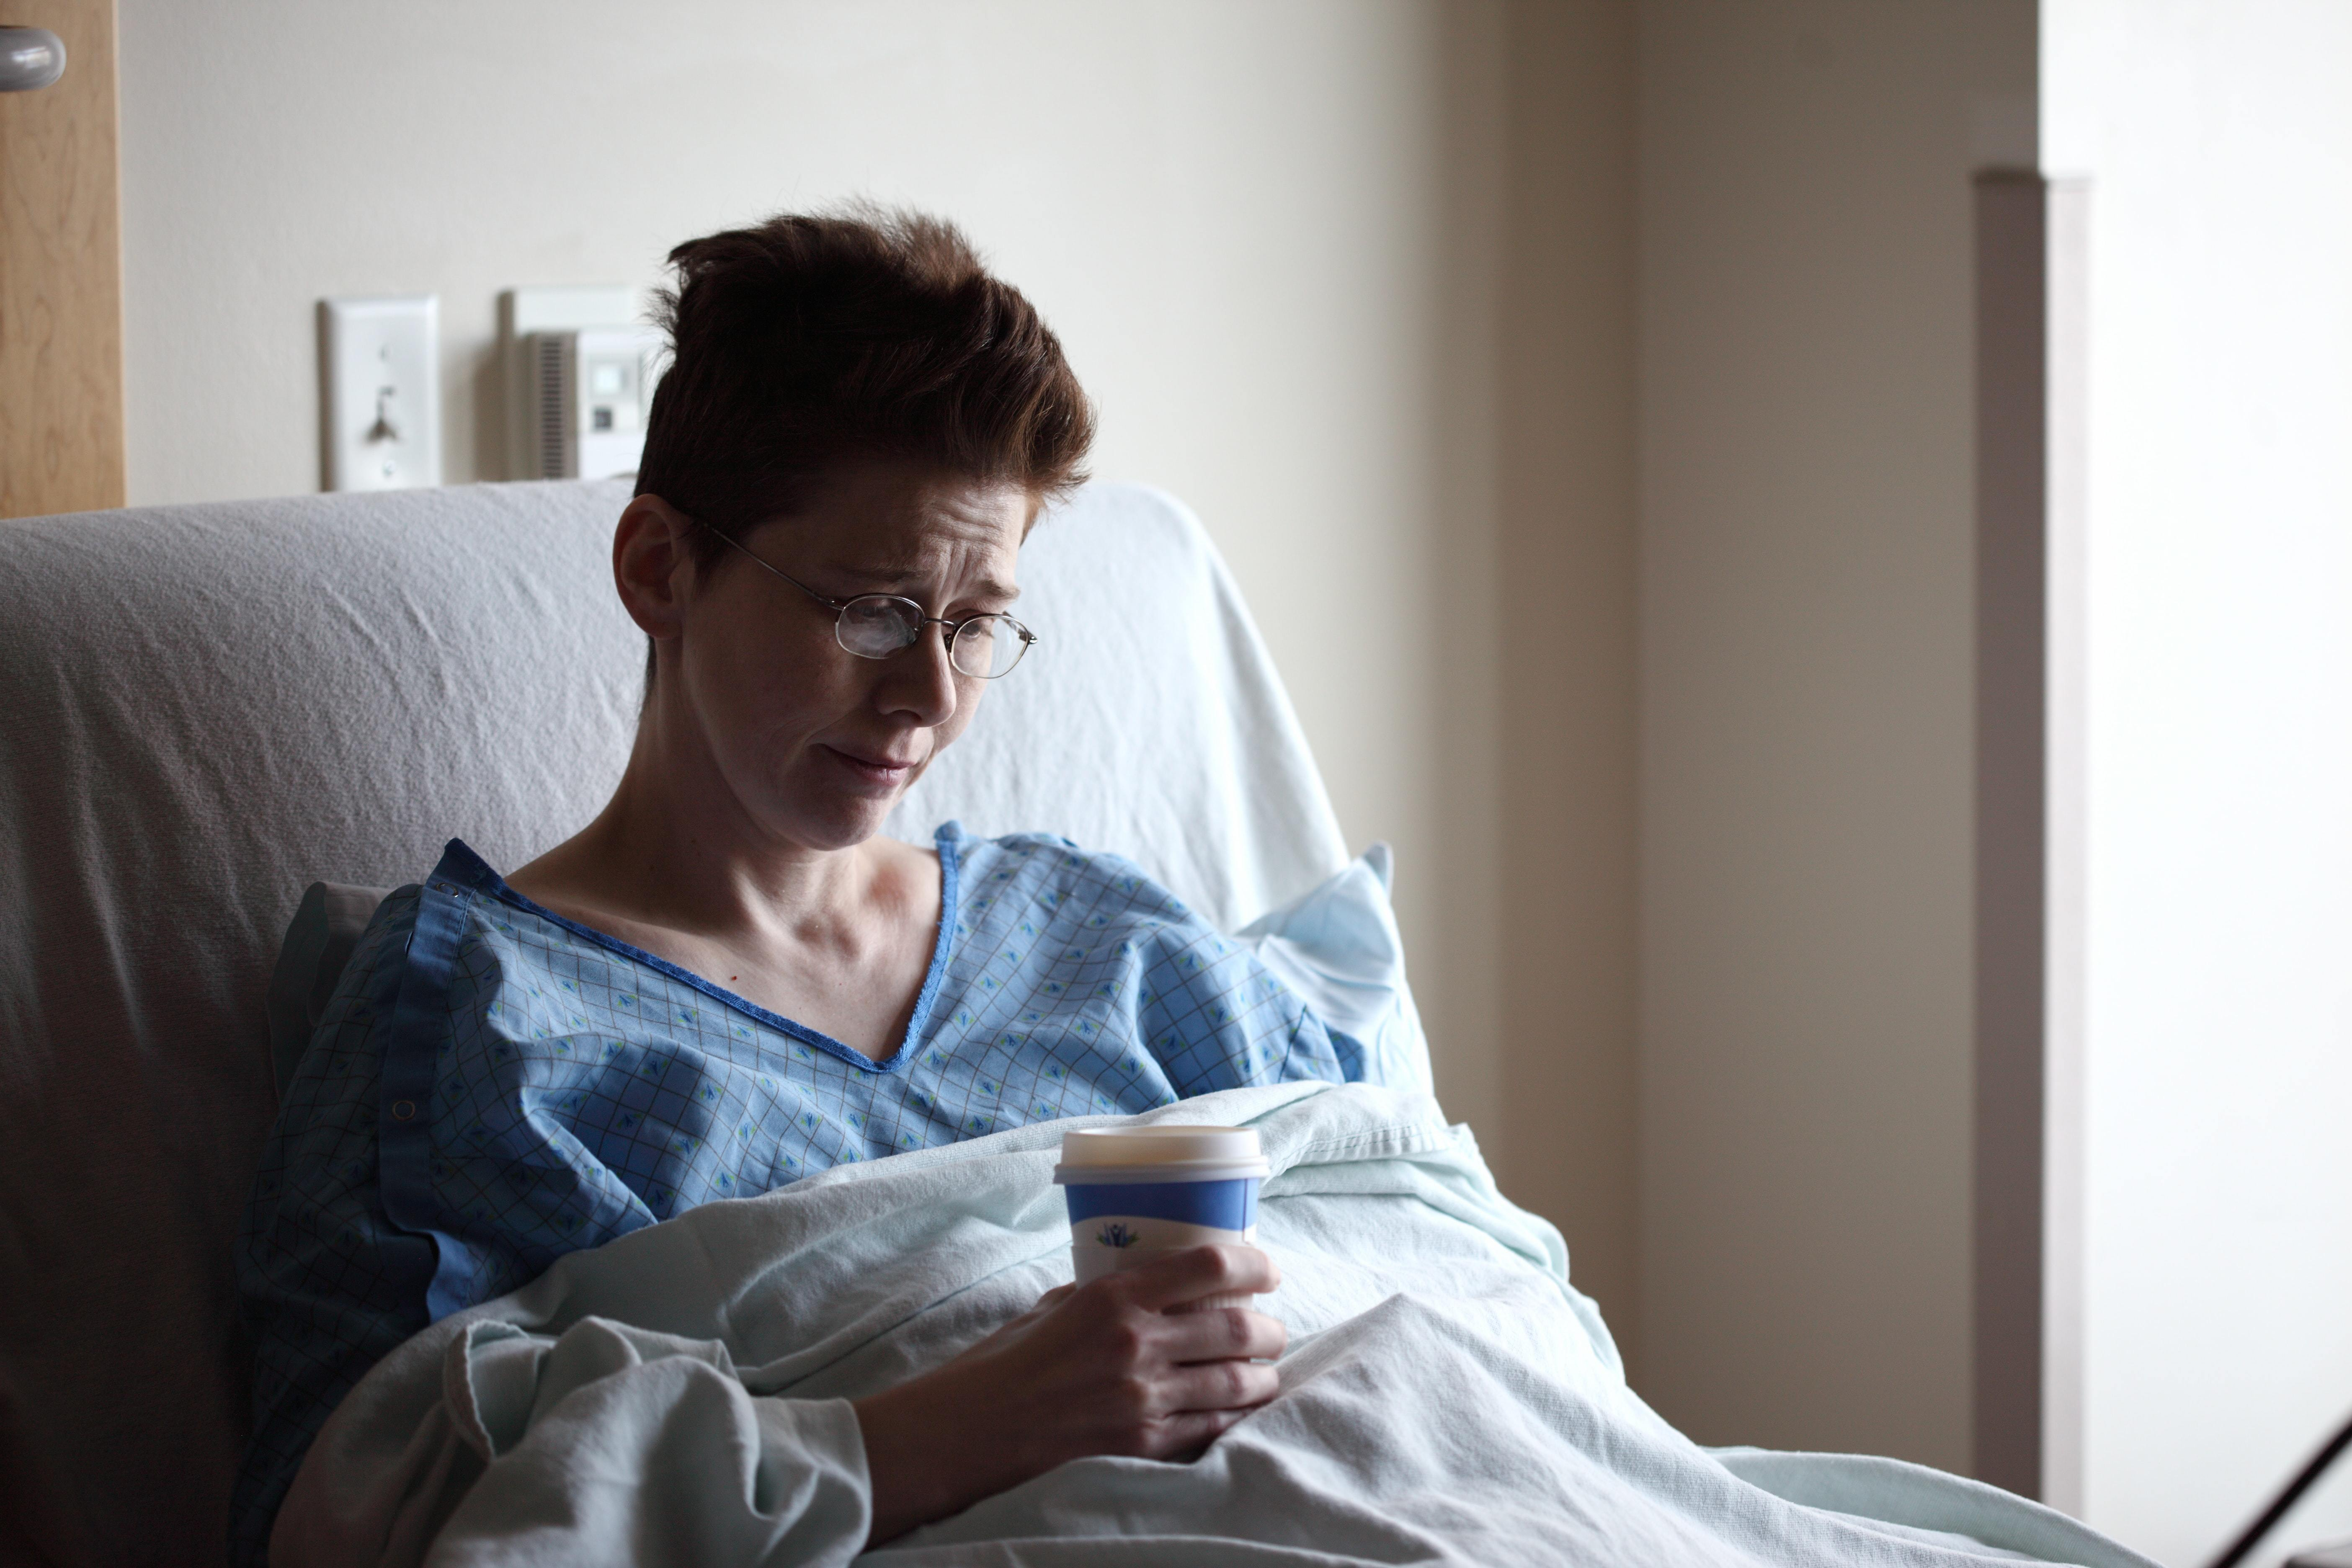 La hospitalización sin acompañante, como medida de contención de la Covid-19, puede afectar en la recuperación del paciente